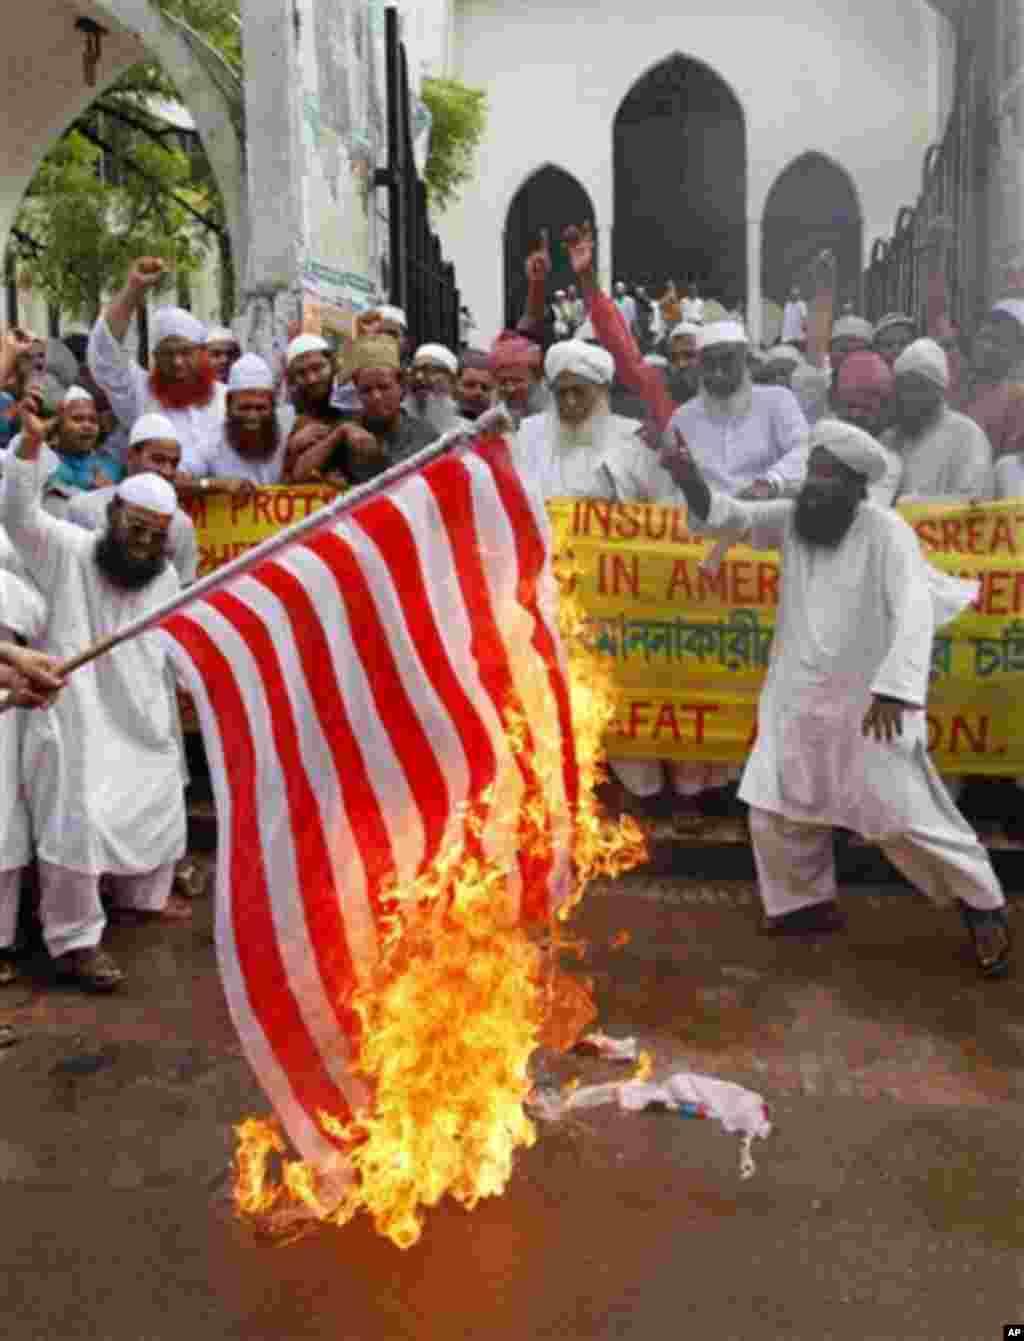 13일 방글라데시 다카에서 미국에서 제작된 무함마드 관련 영화에 항의하며 성조기를 불태우는 시위대.